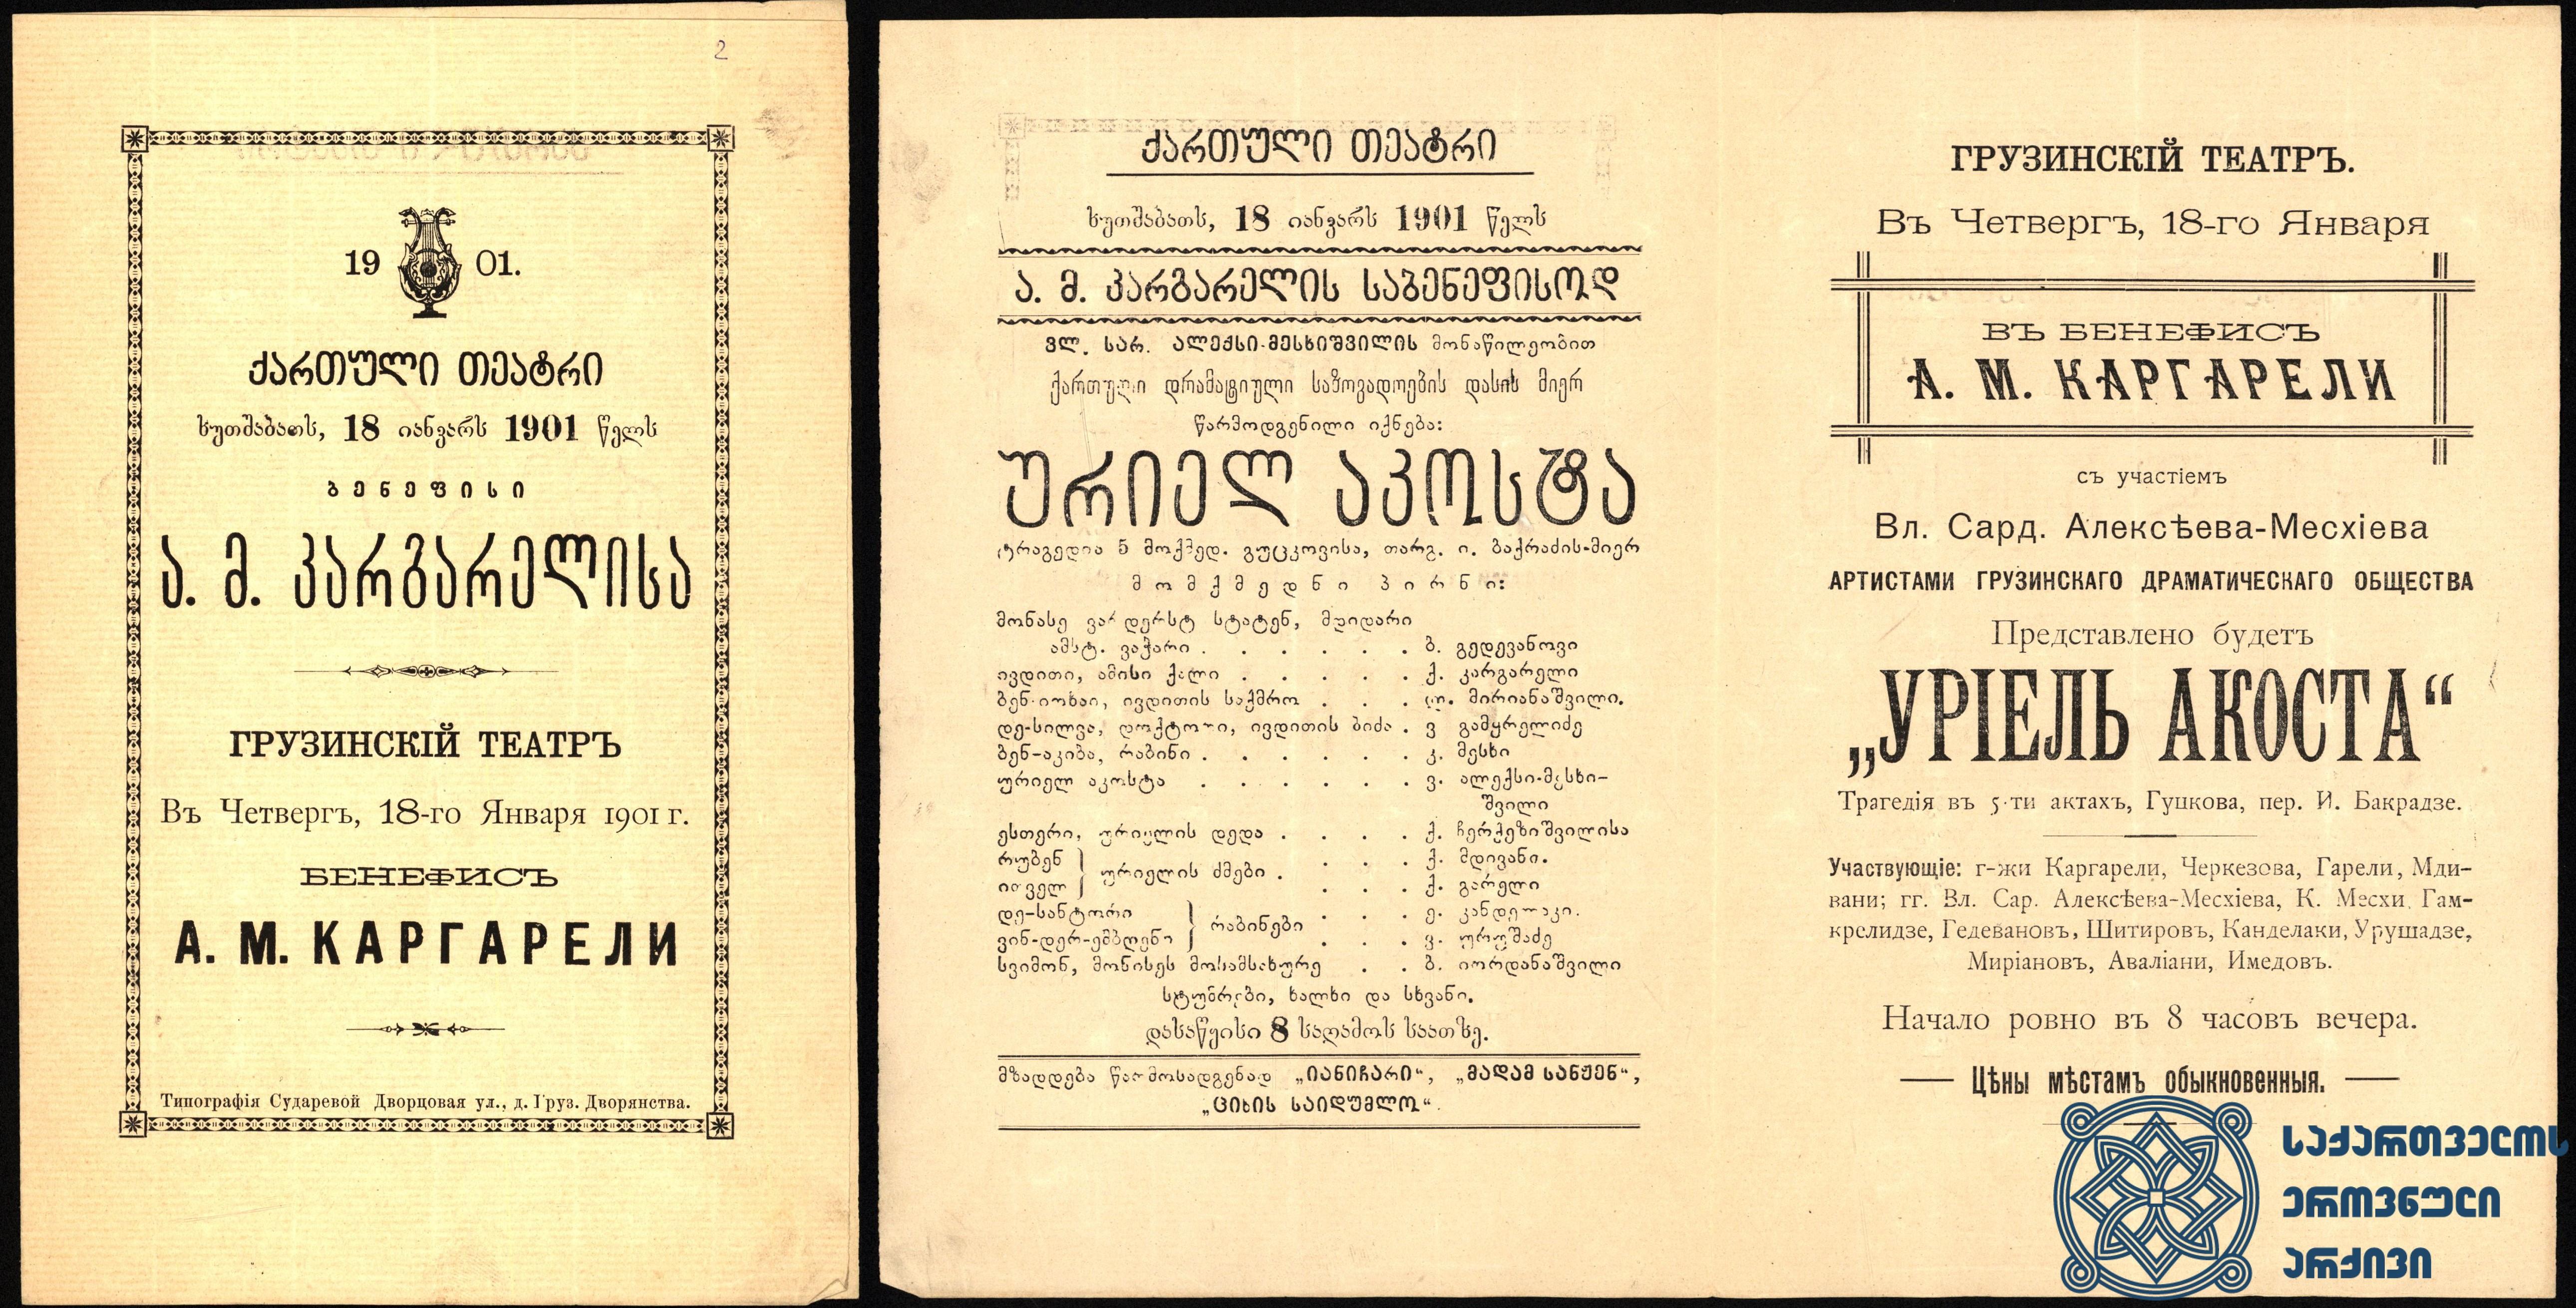 """ქართული დრამატული საზოგადოების დასის წარმოდგენა """"ურიელ აკოსტა"""", ა. მ. კარგარელის ბენეფისი.<br> 1901 წლის 18 იანვარი. <br> The Georgian Drama Society troupe performance """"Uriel Acosta"""", A. M. Kargareli's benefit performance.<br> January 18, 1901."""